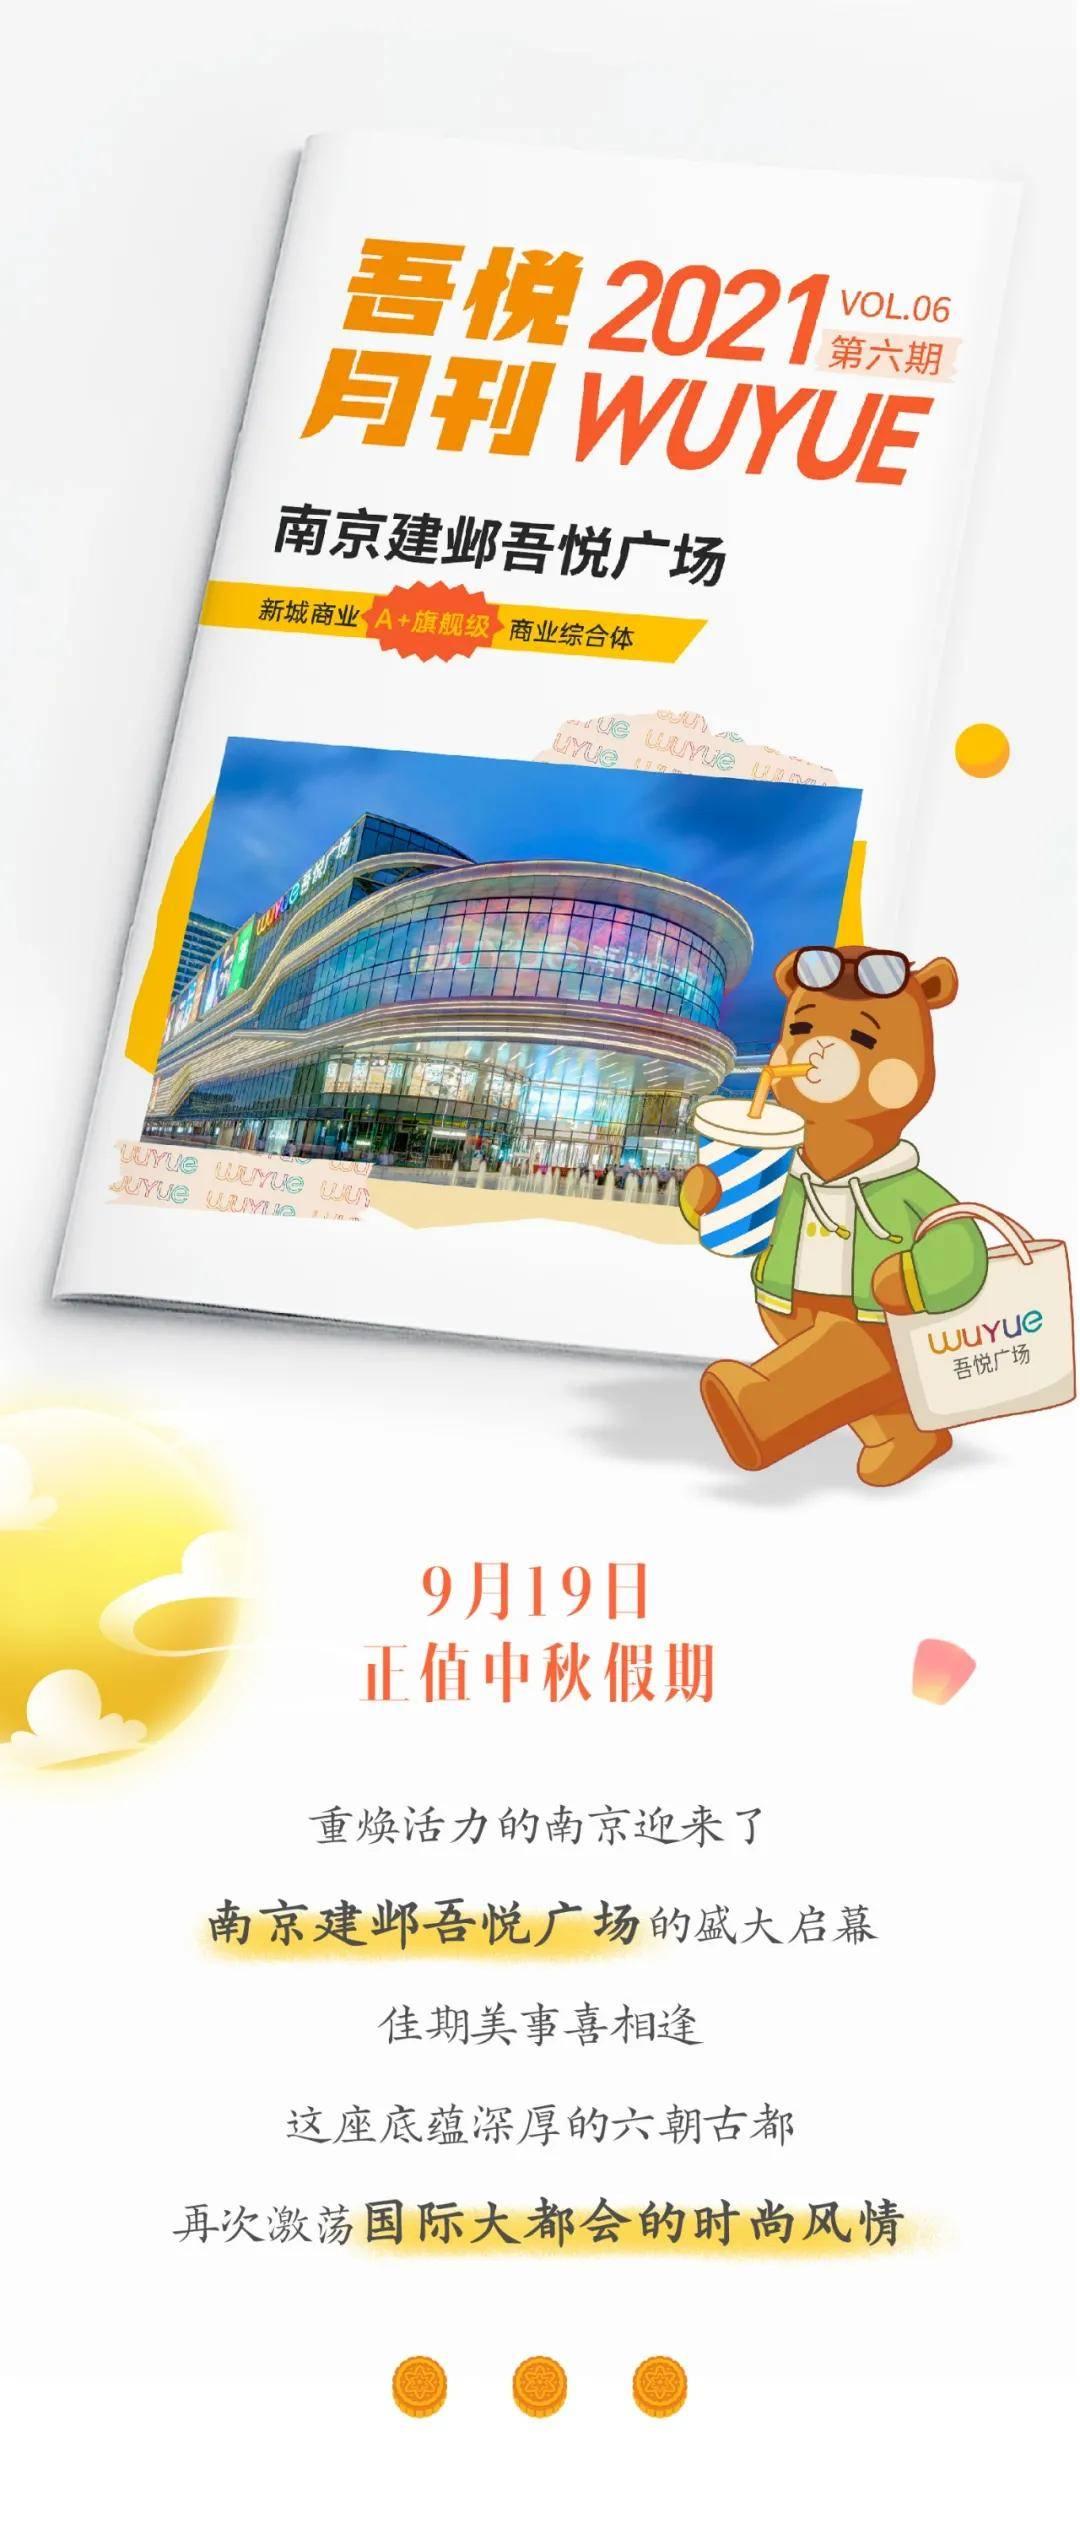 吾悅系升級之作,新城地產南京建鄴吾悅廣場高光啟幕